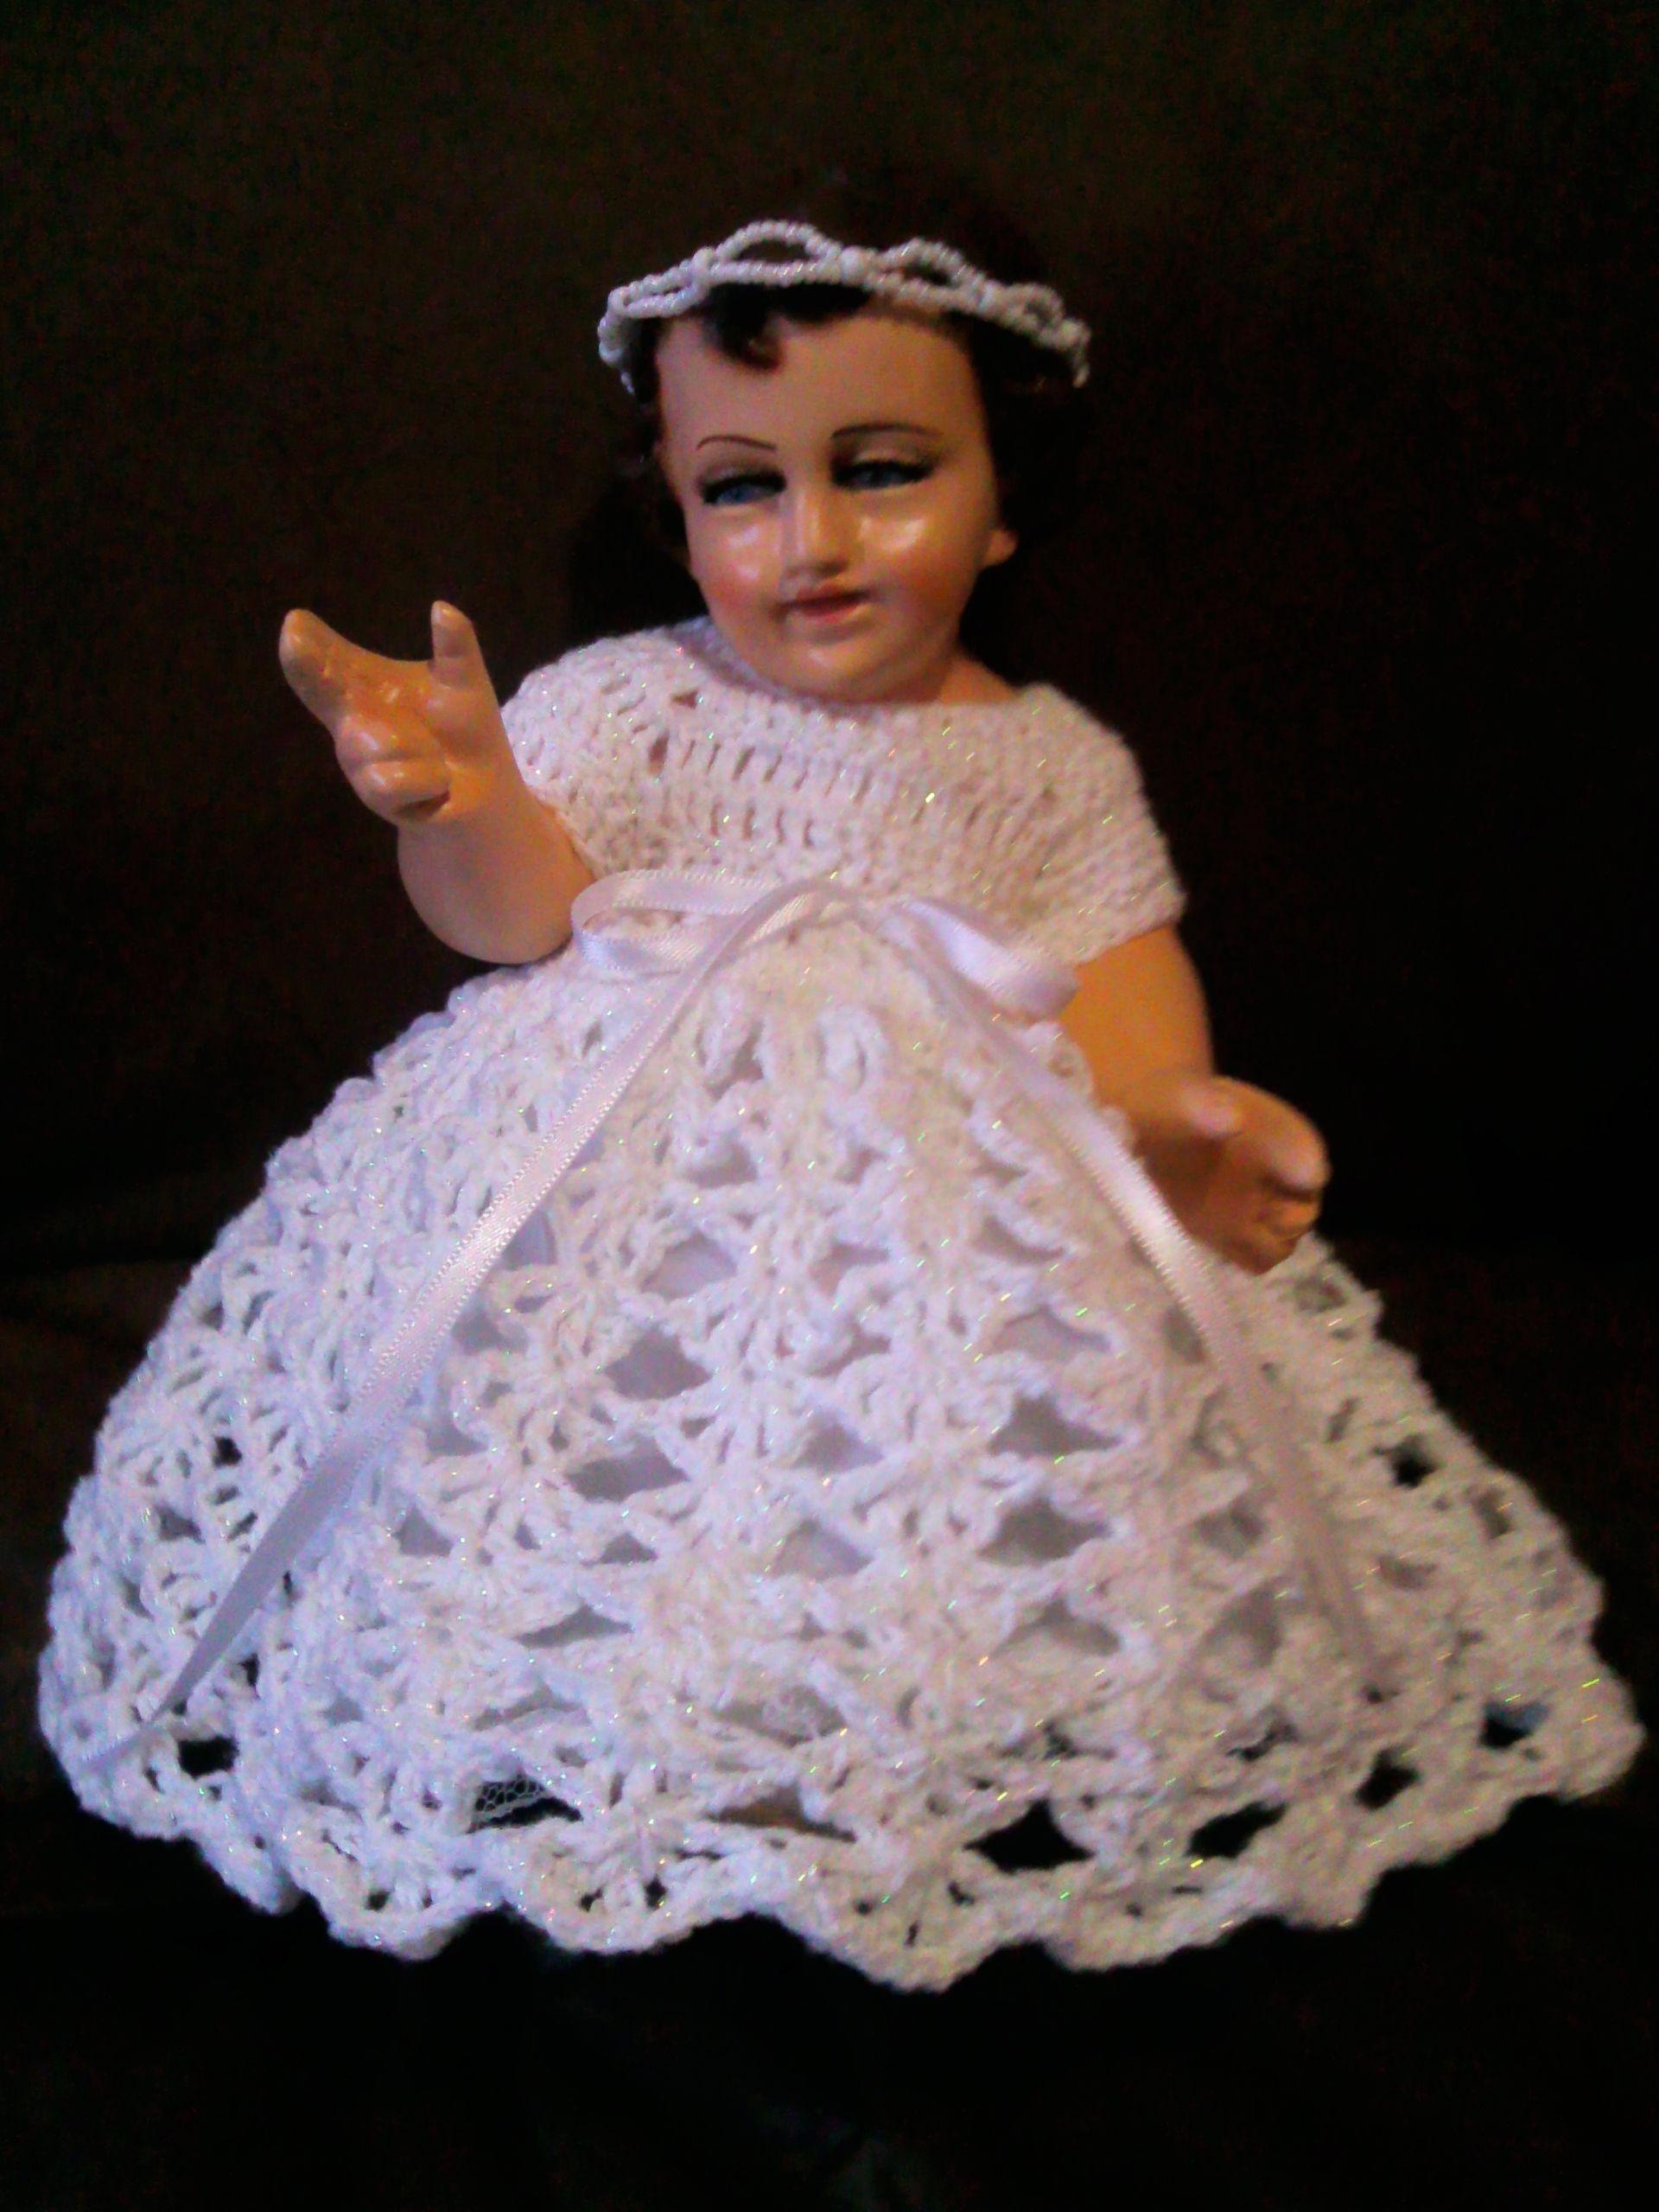 Crochet Vestido Niño Dios Ropa Niño Dios Crochet Baby